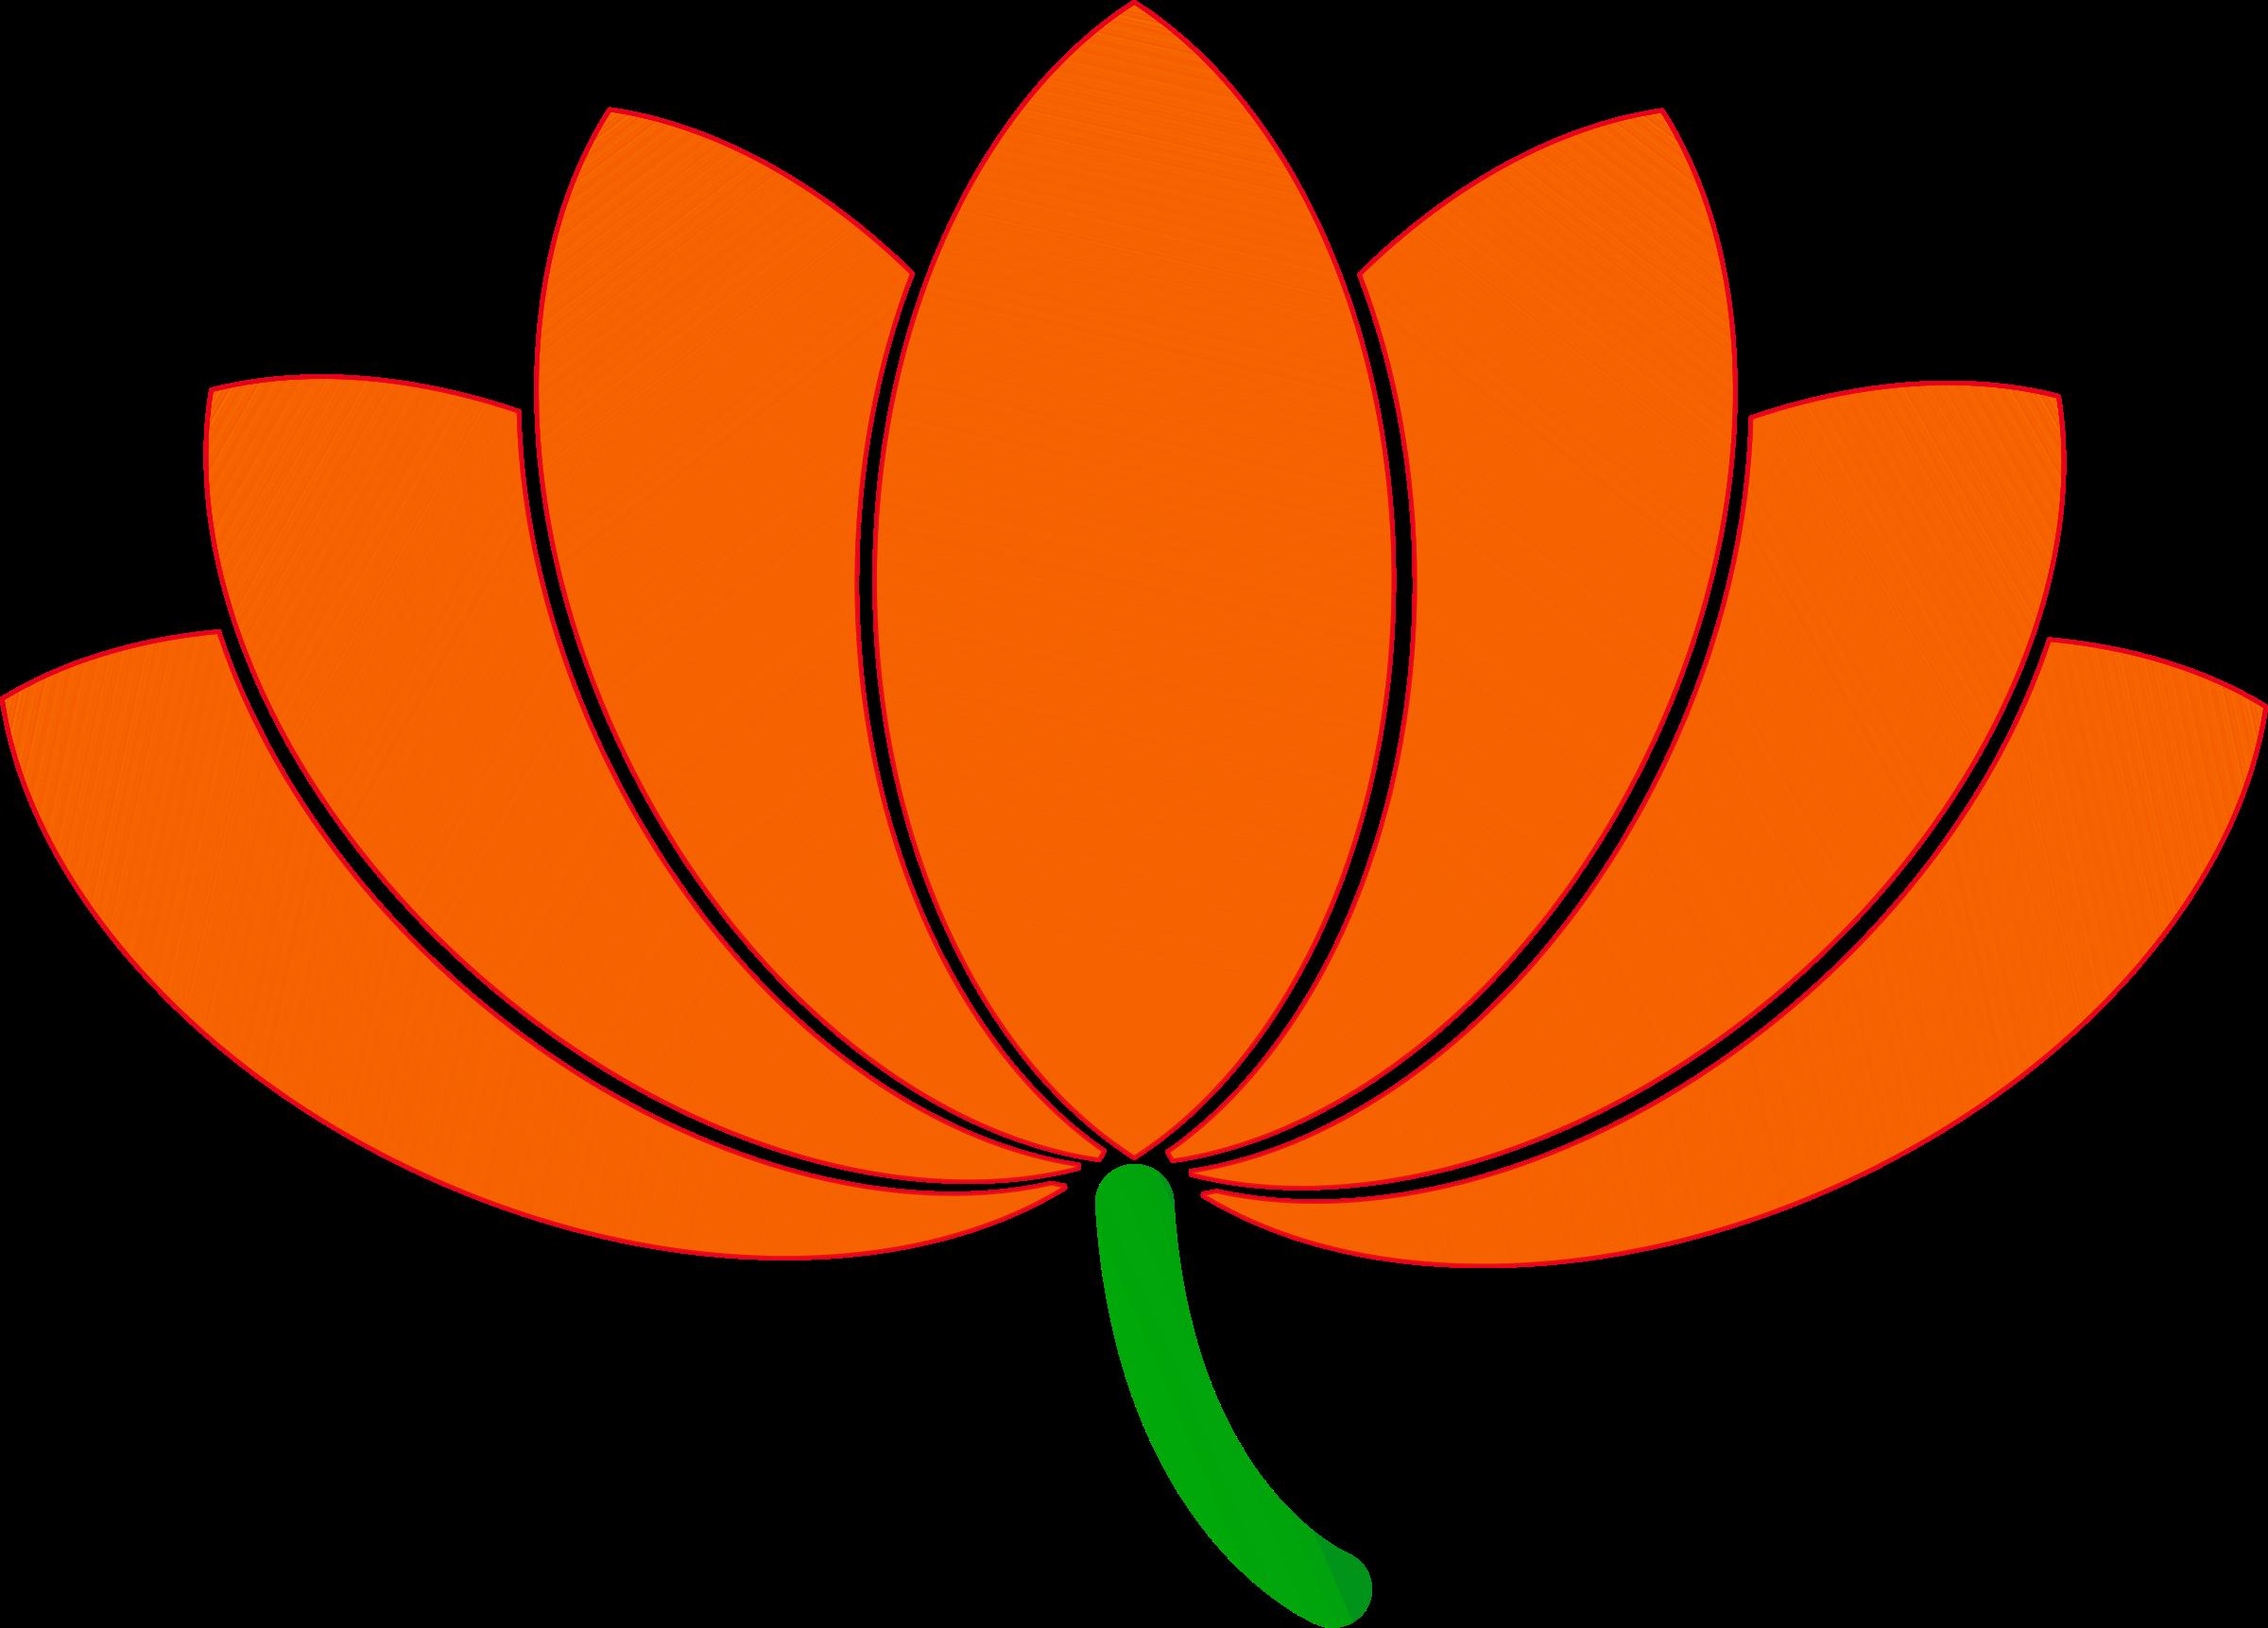 Lotus clipart cute. Big image png